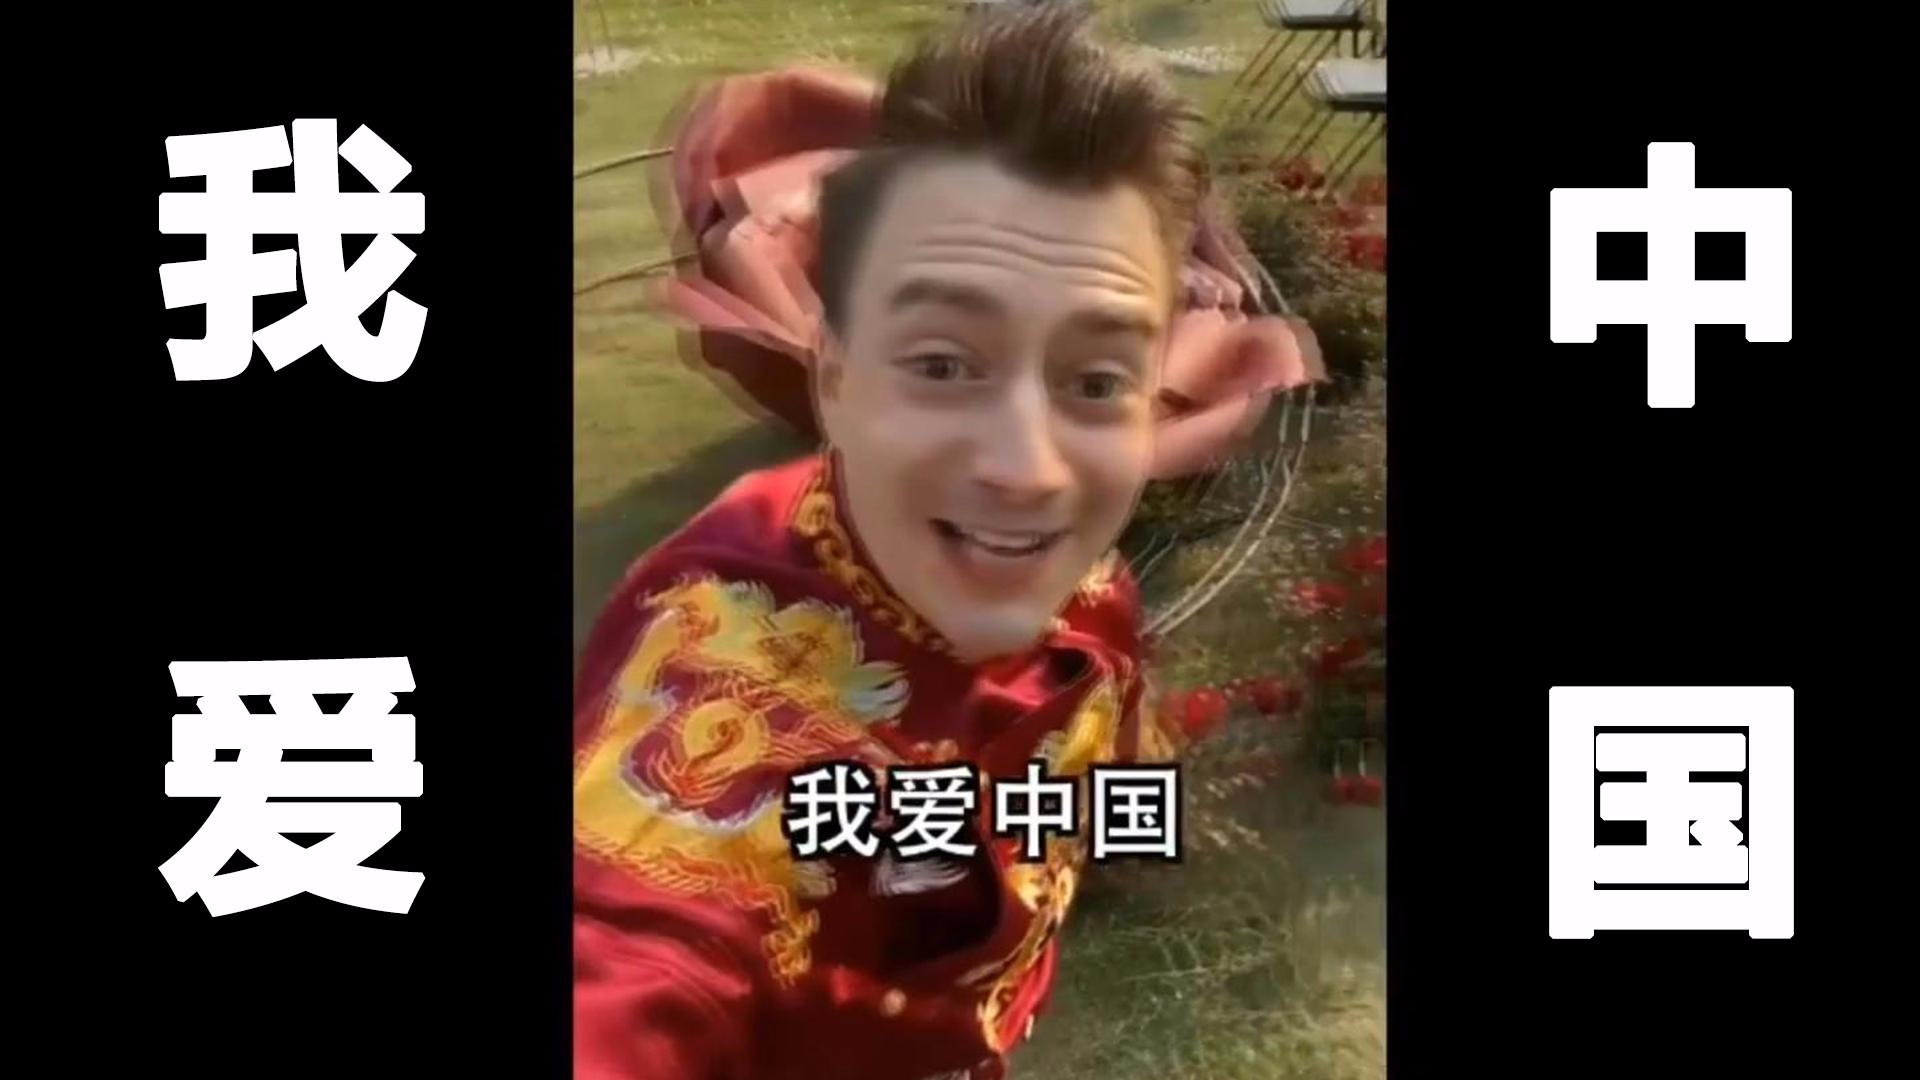 【独家·伏拉夫rap】我爱中国,中国爱我